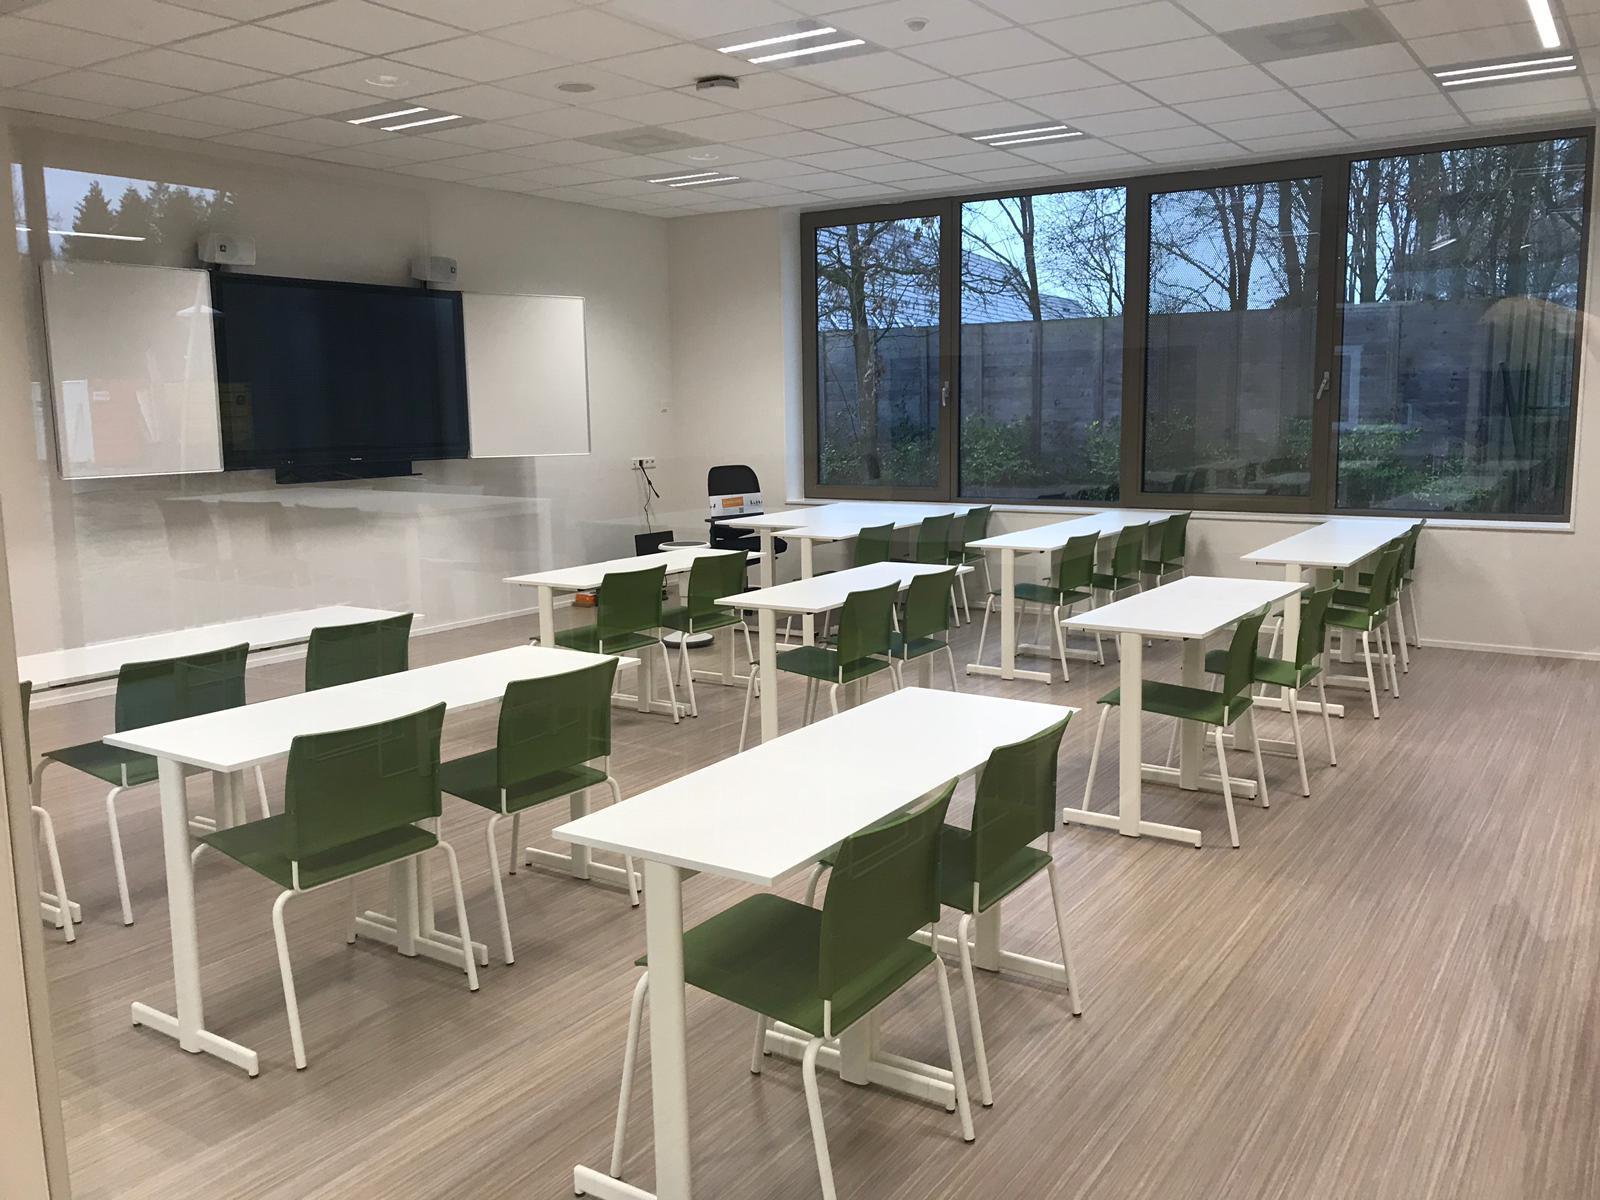 Opstelling klaslokaal